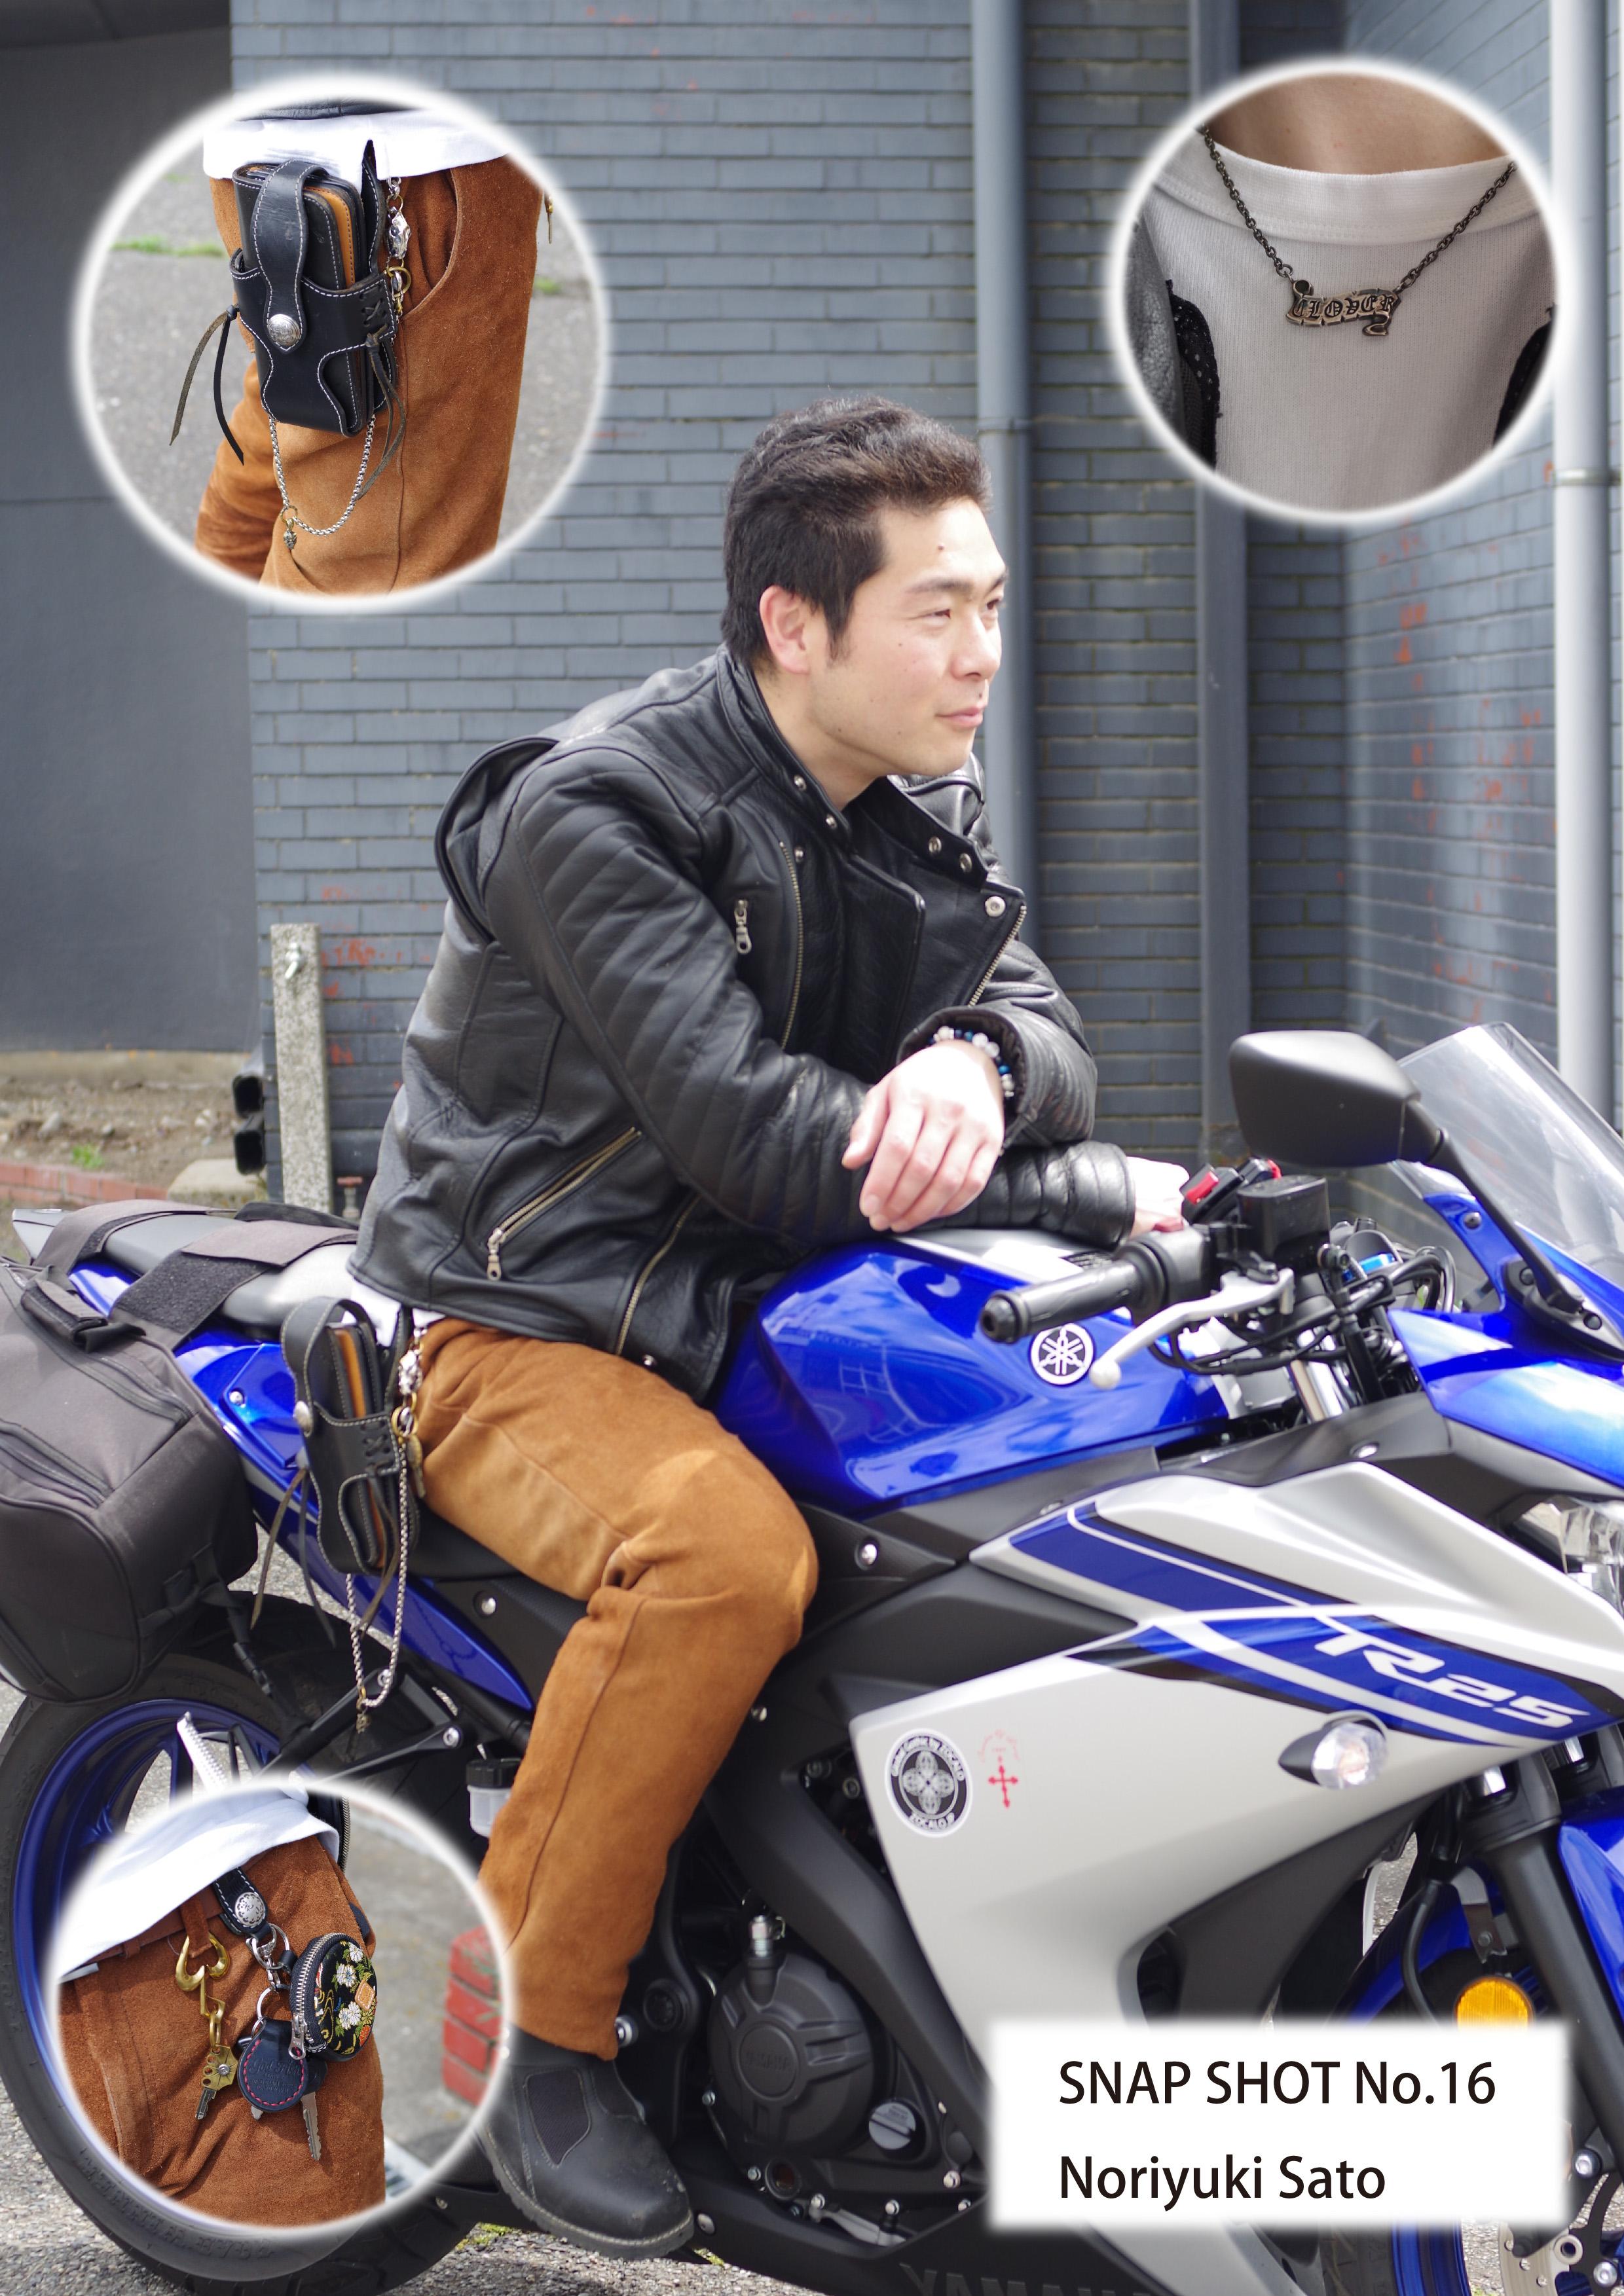 SNAP16 Noriyuki Sato